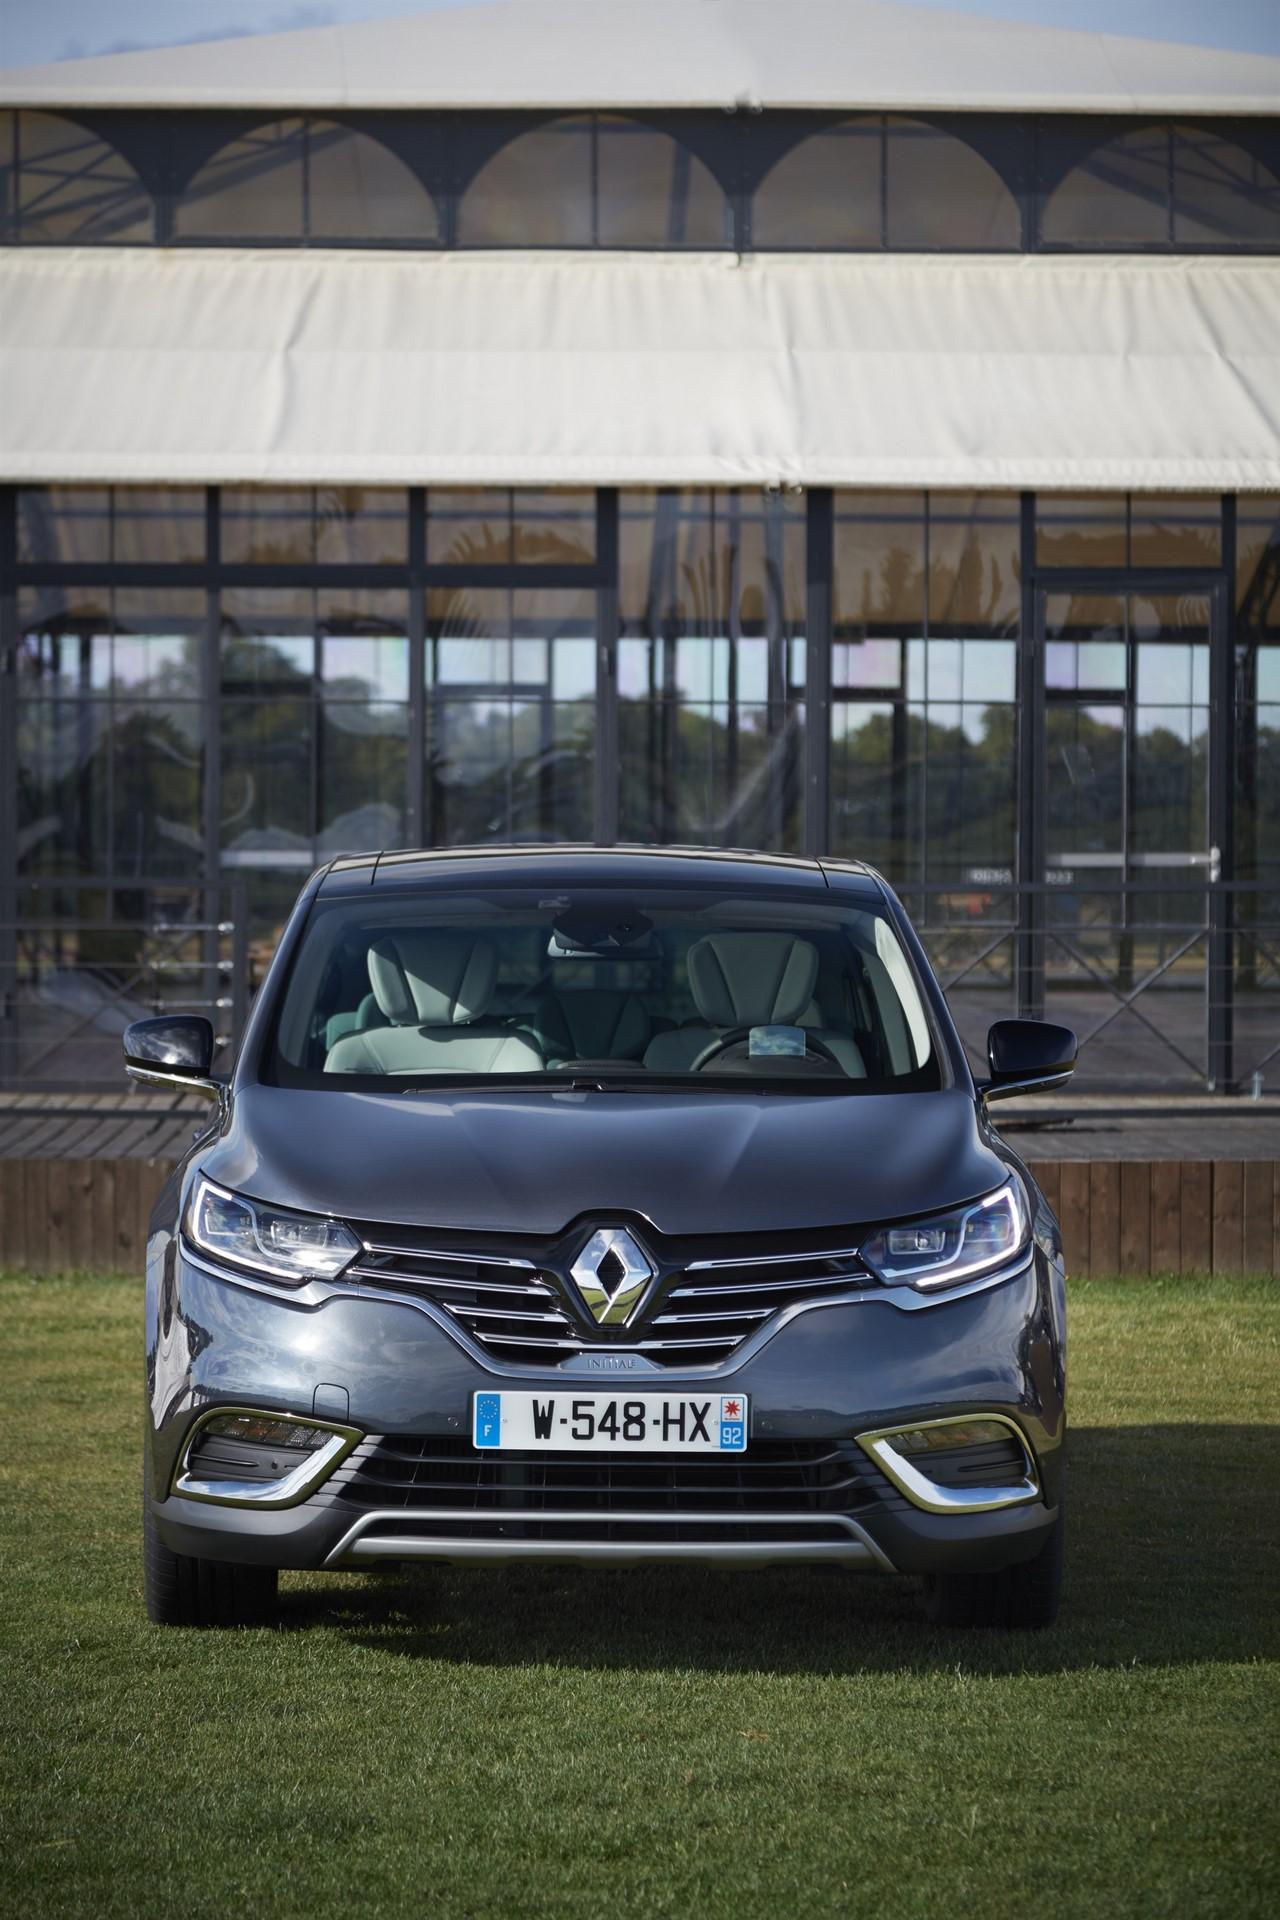 Renault_93267_global_en